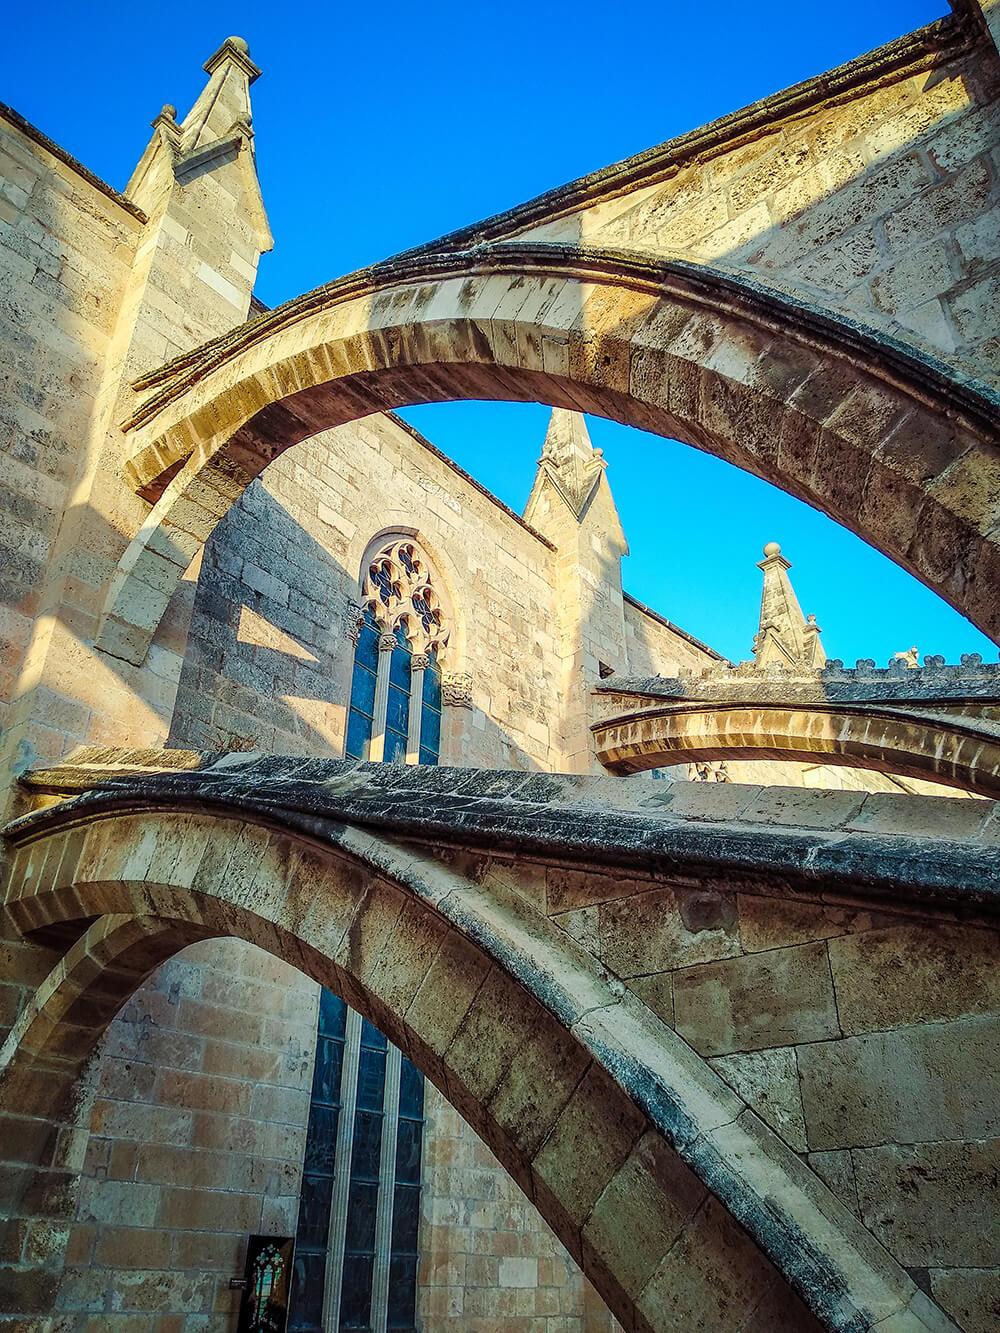 Palma-de-Mallorca-Kathedrale-La-Seu-Dach-13